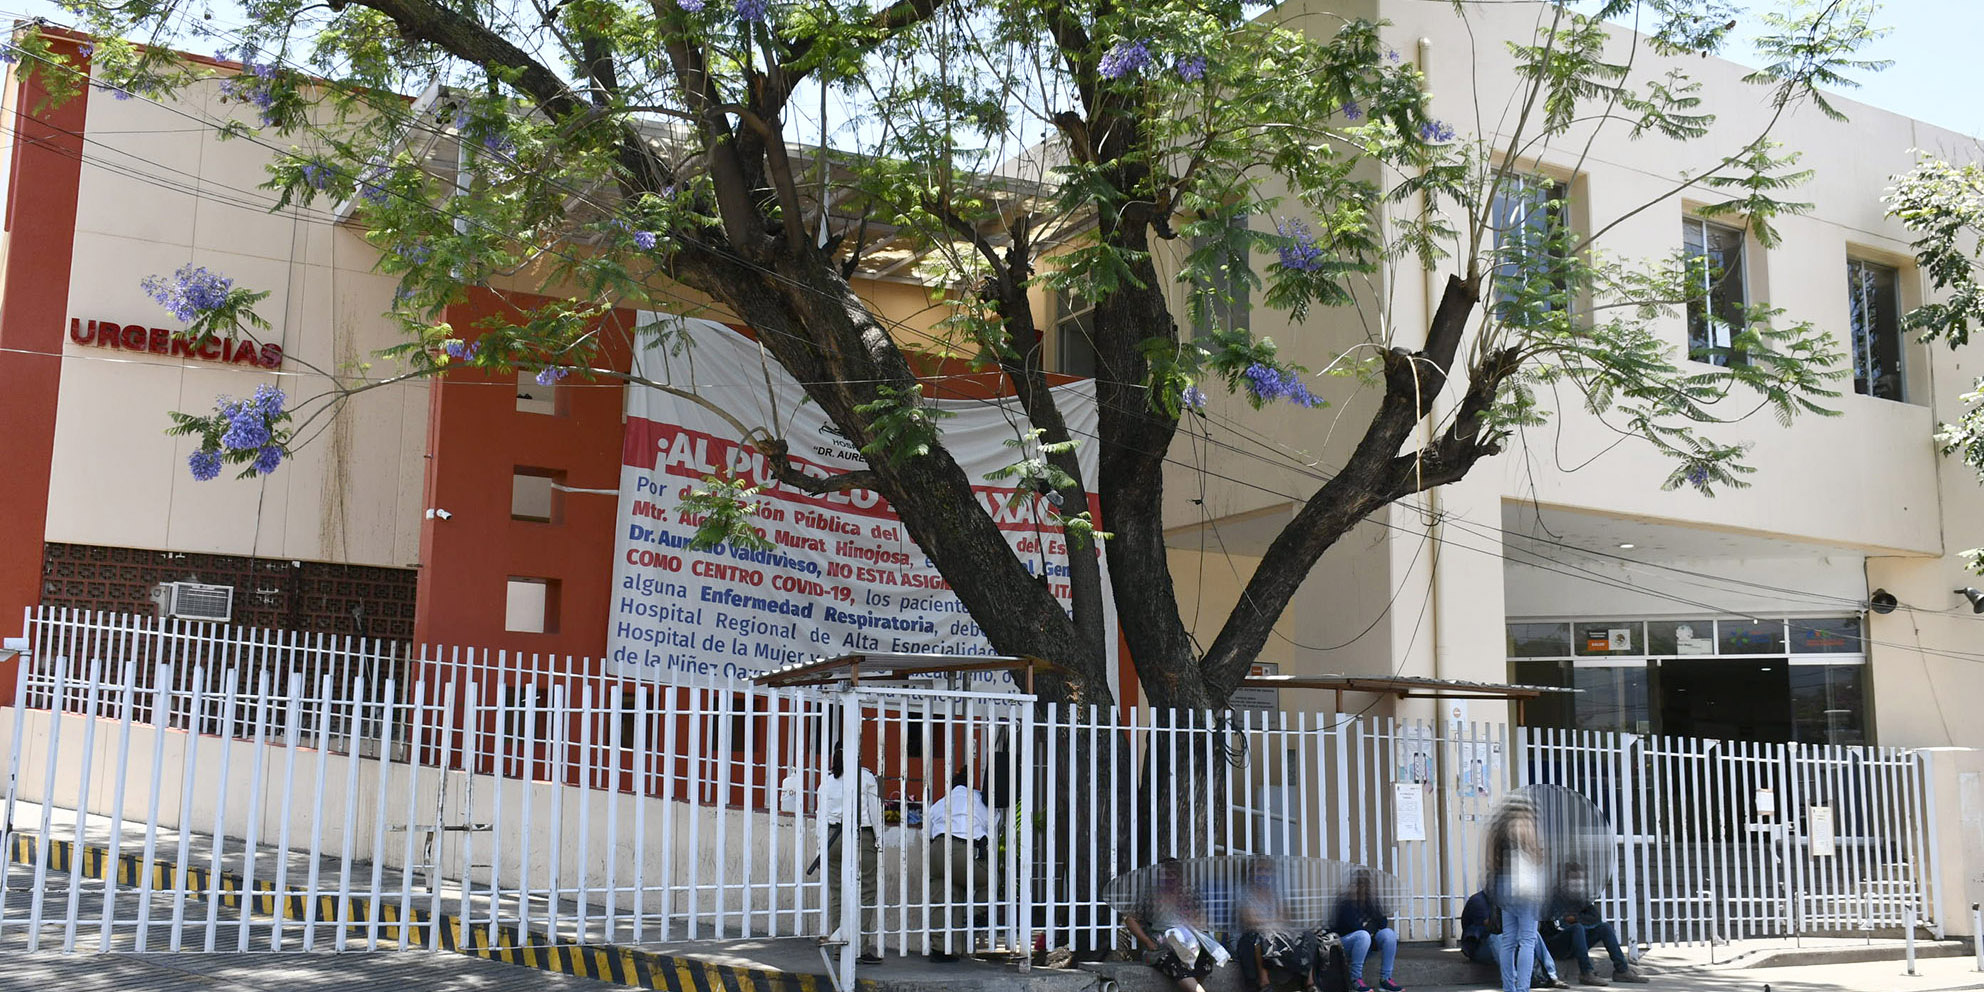 Ocupación hospitalariaen Oaxaca baja a 54.8%   El Imparcial de Oaxaca